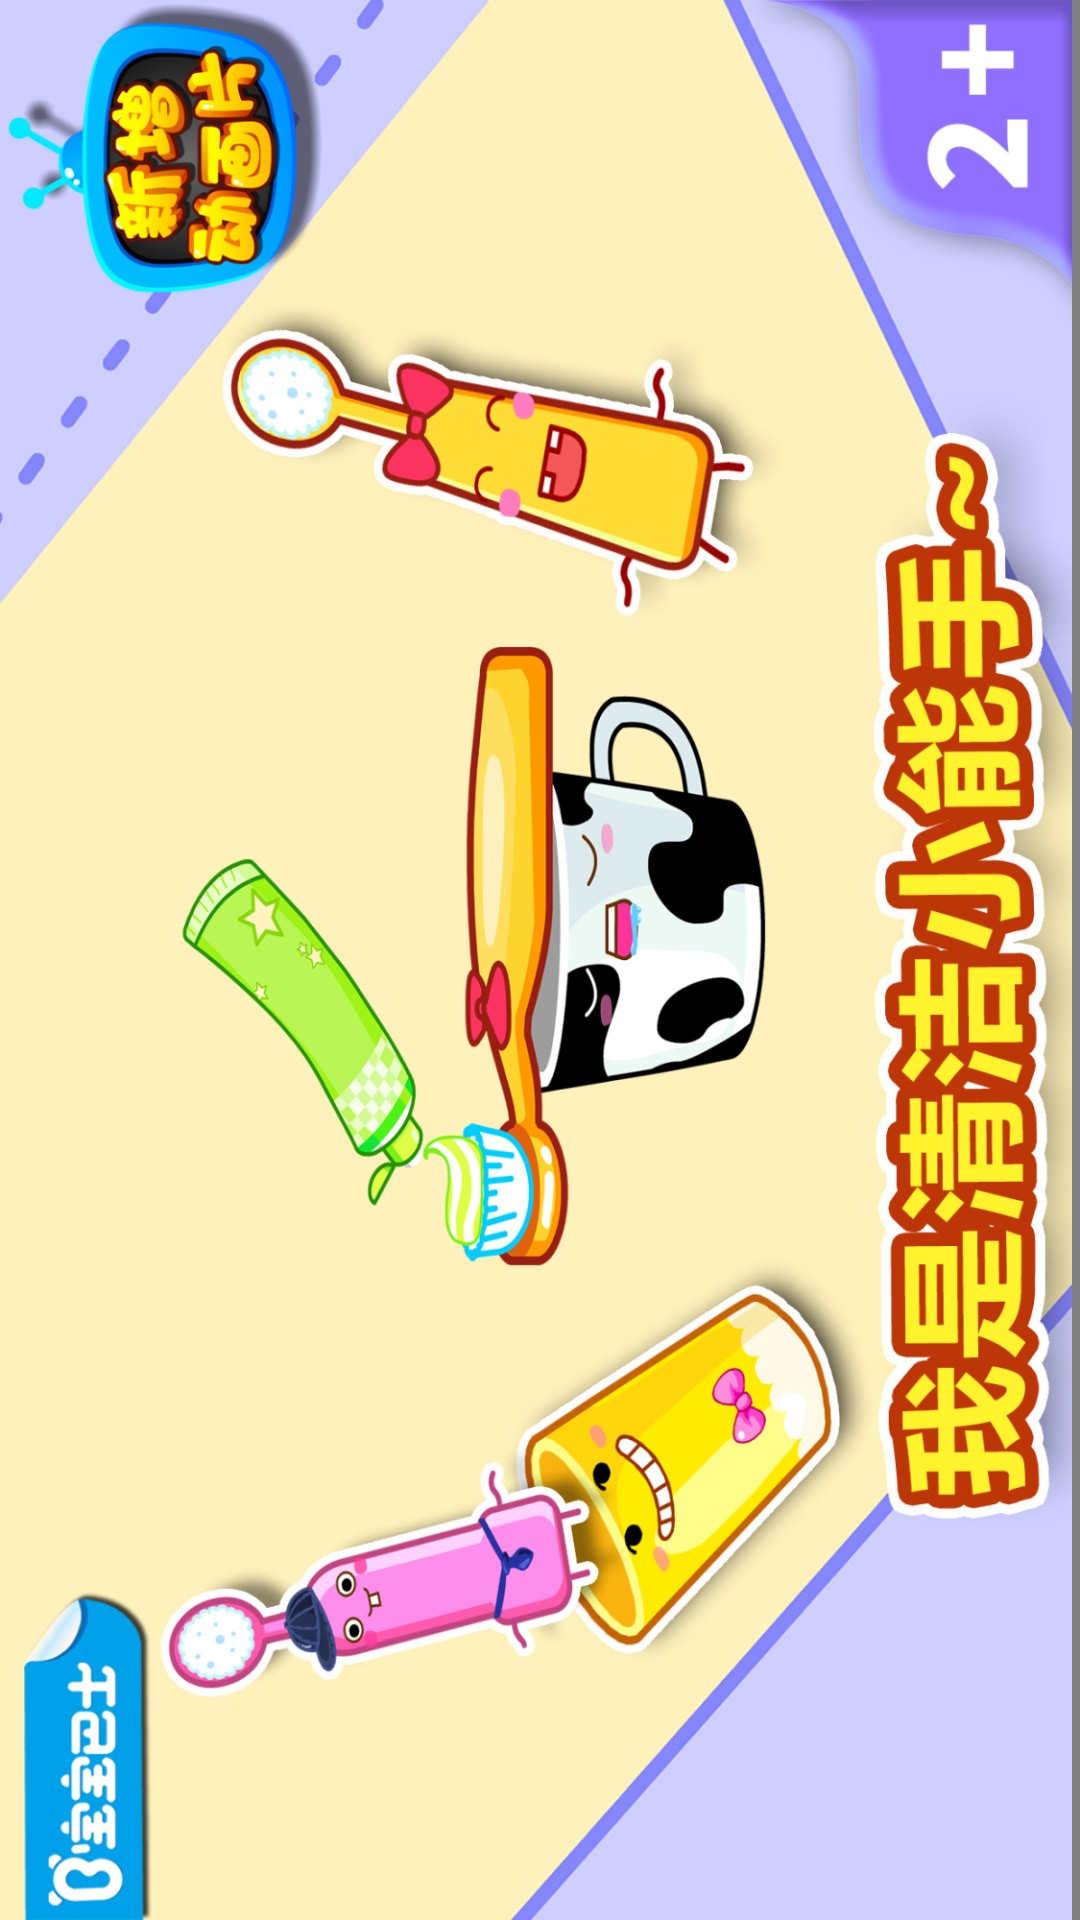 宝宝爱刷牙-习惯养成-应用截图